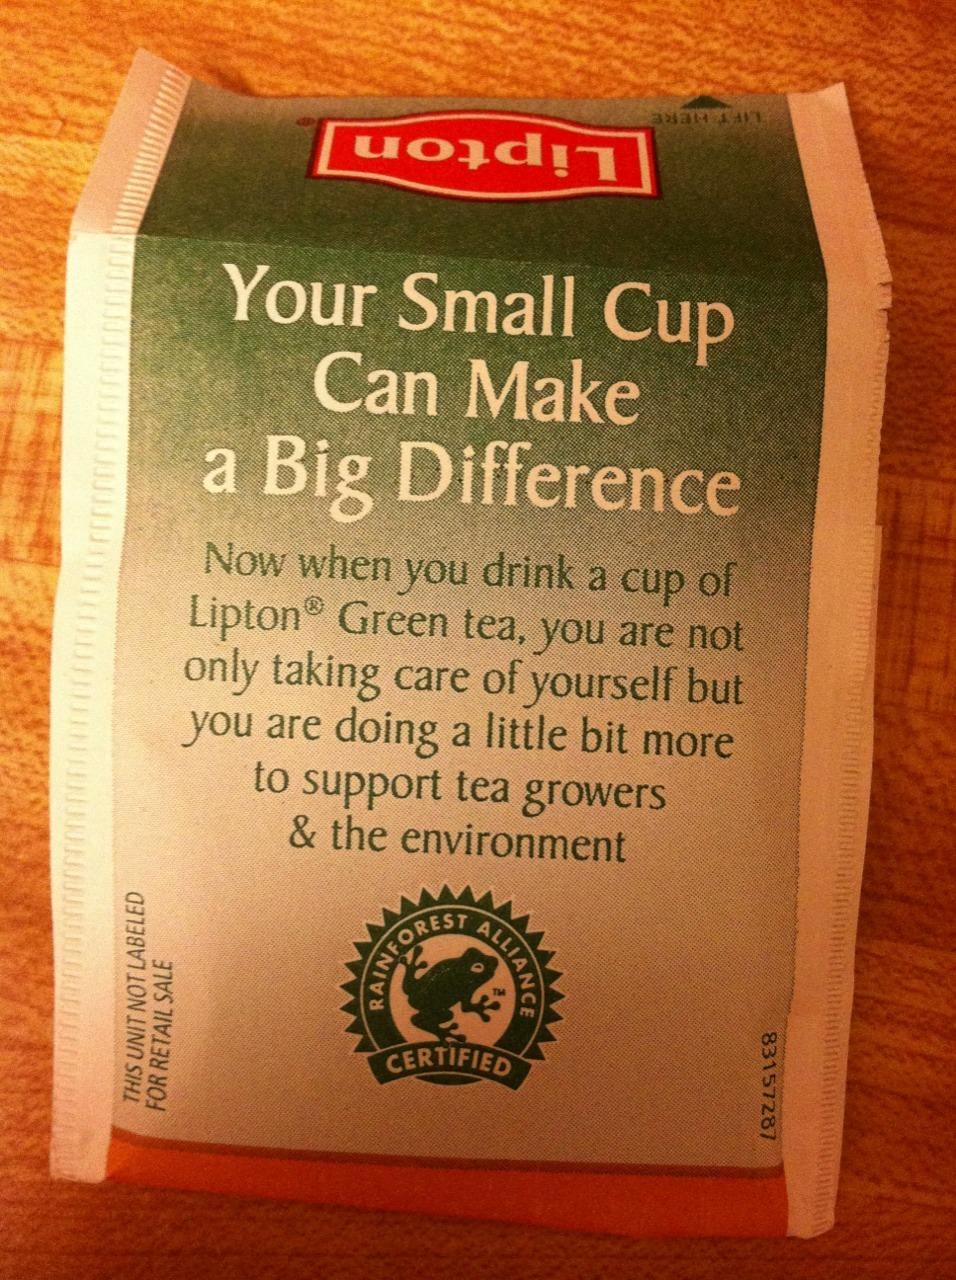 pas besoin d'etre une star pour boire un thé vert 94